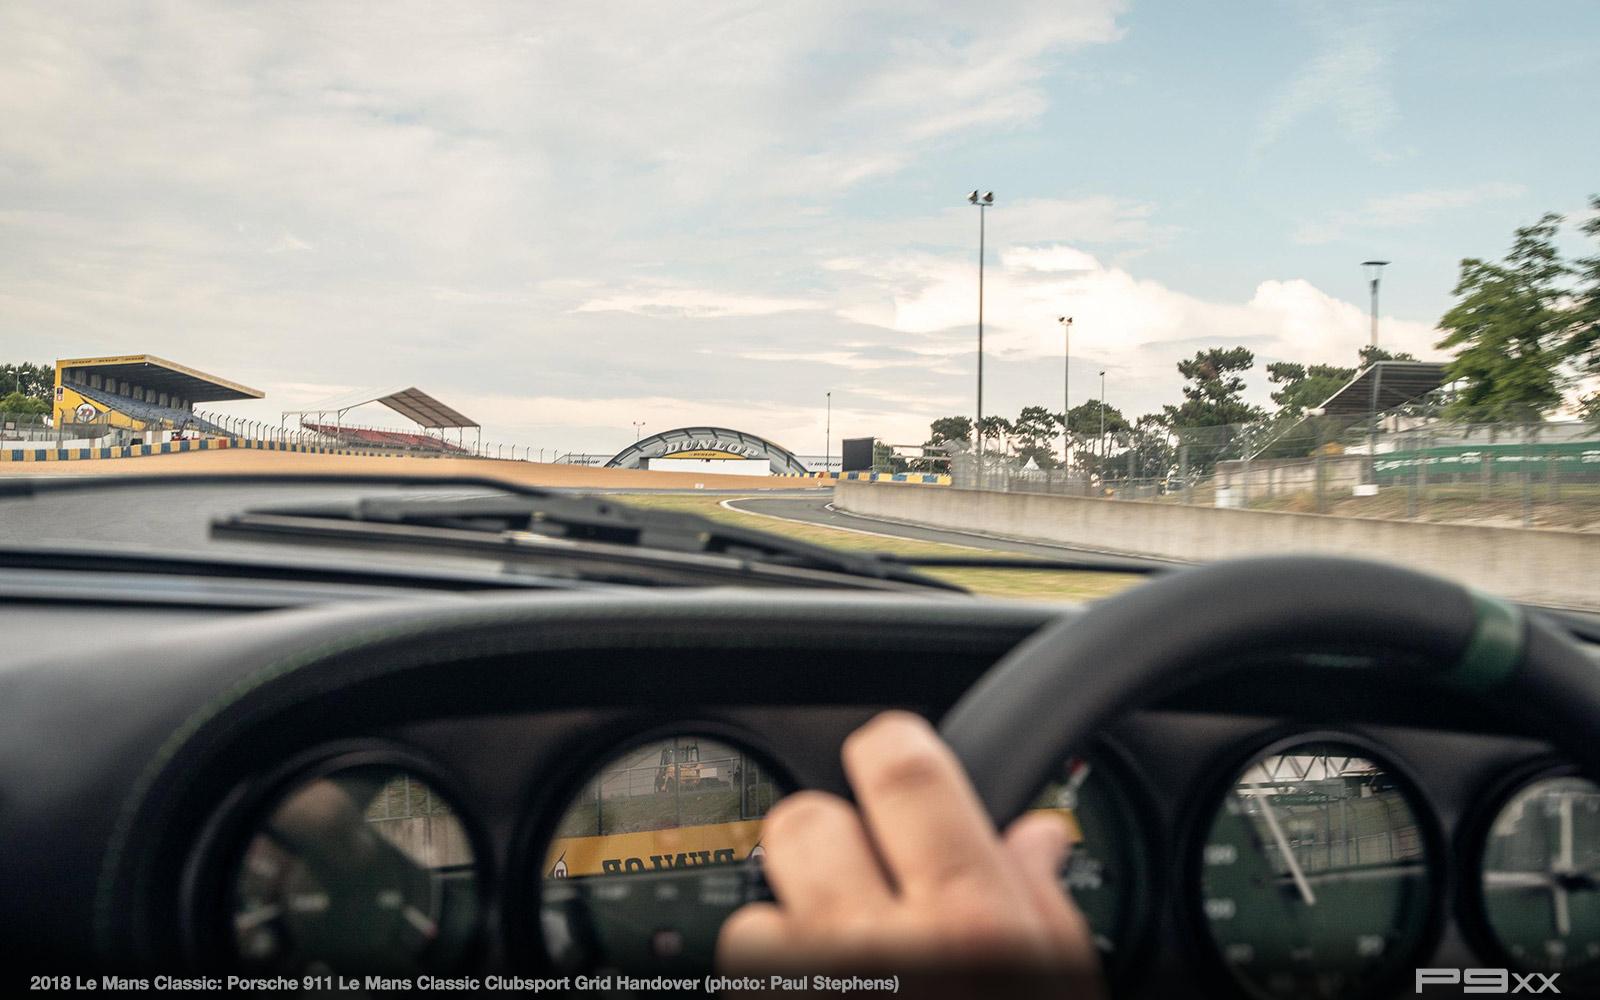 2018-Le-Mans-Classic-Porsche-303